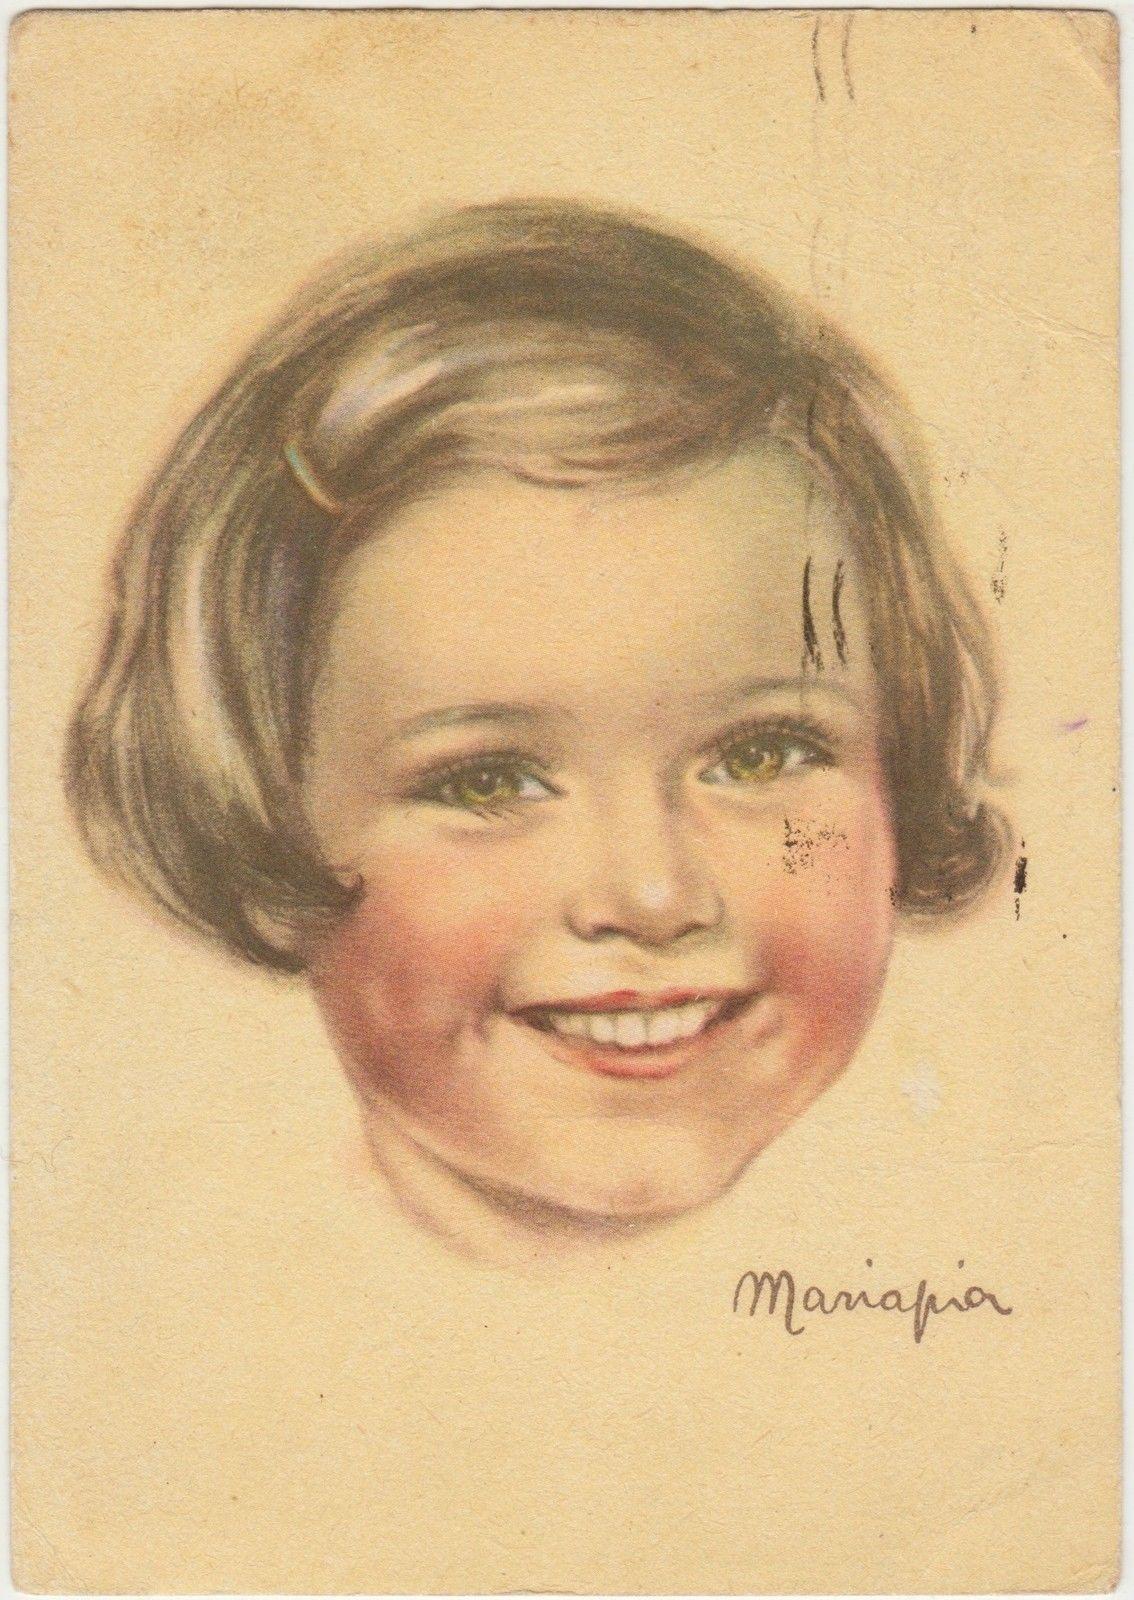 BAMBINA - MARIA PIA MARIAPIA 1949 | eBay